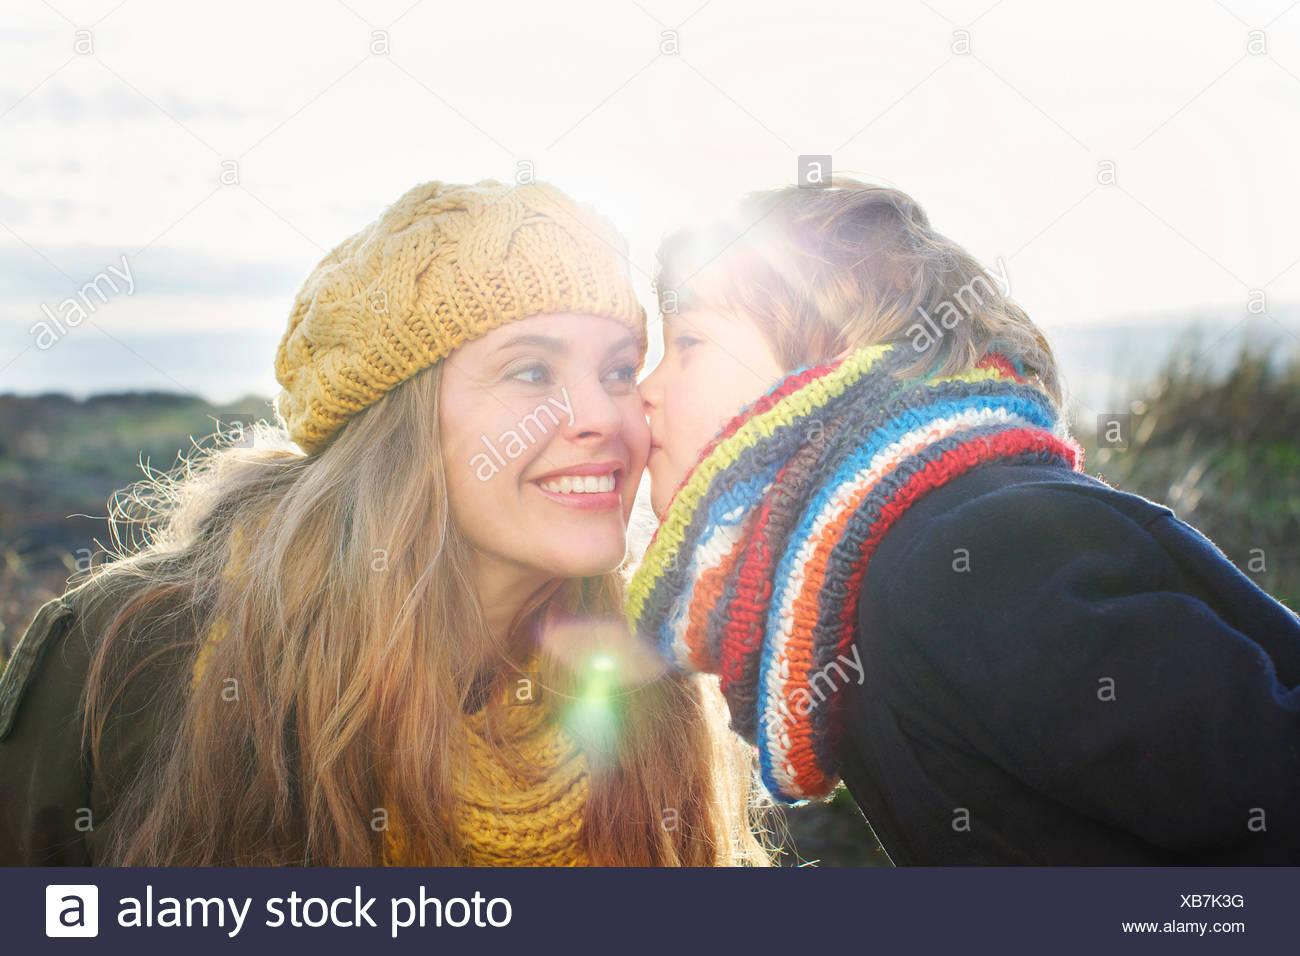 Mitad mujer adulta con hijo besar su mejilla en la costa Imagen De Stock